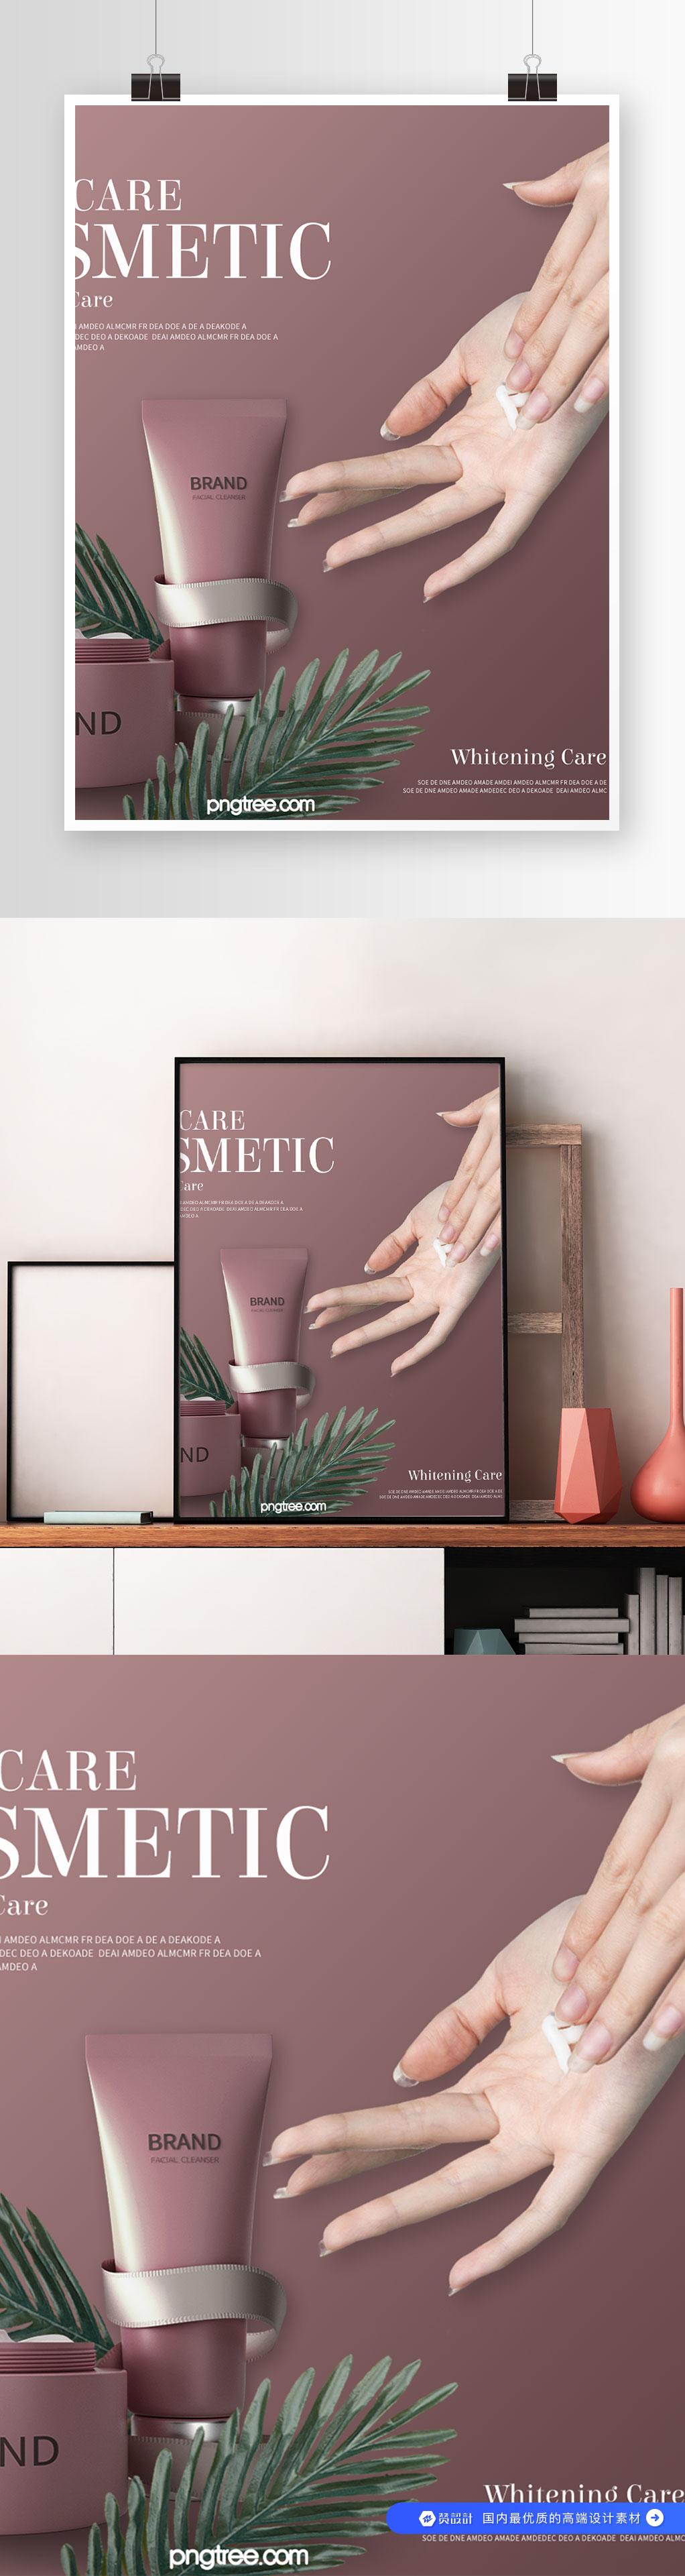 美容护肤品洗面奶乳液精华BRAND广告设计